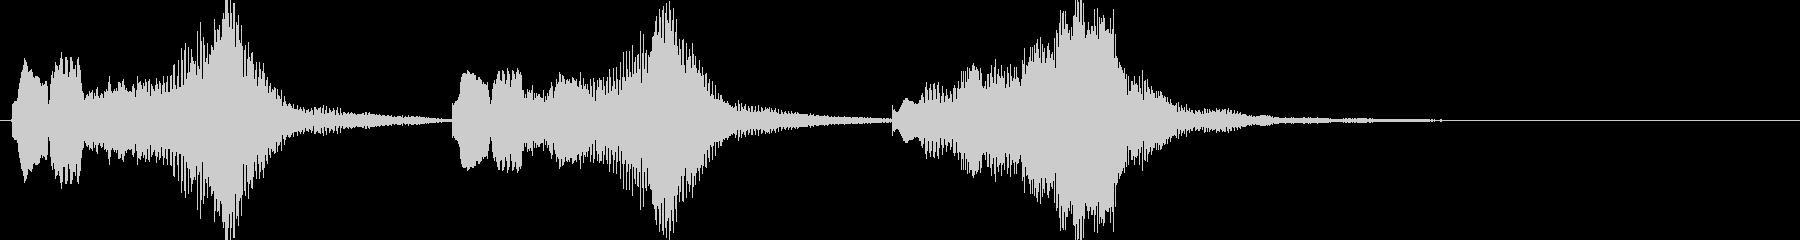 ファンタジー系の短いジングルの未再生の波形